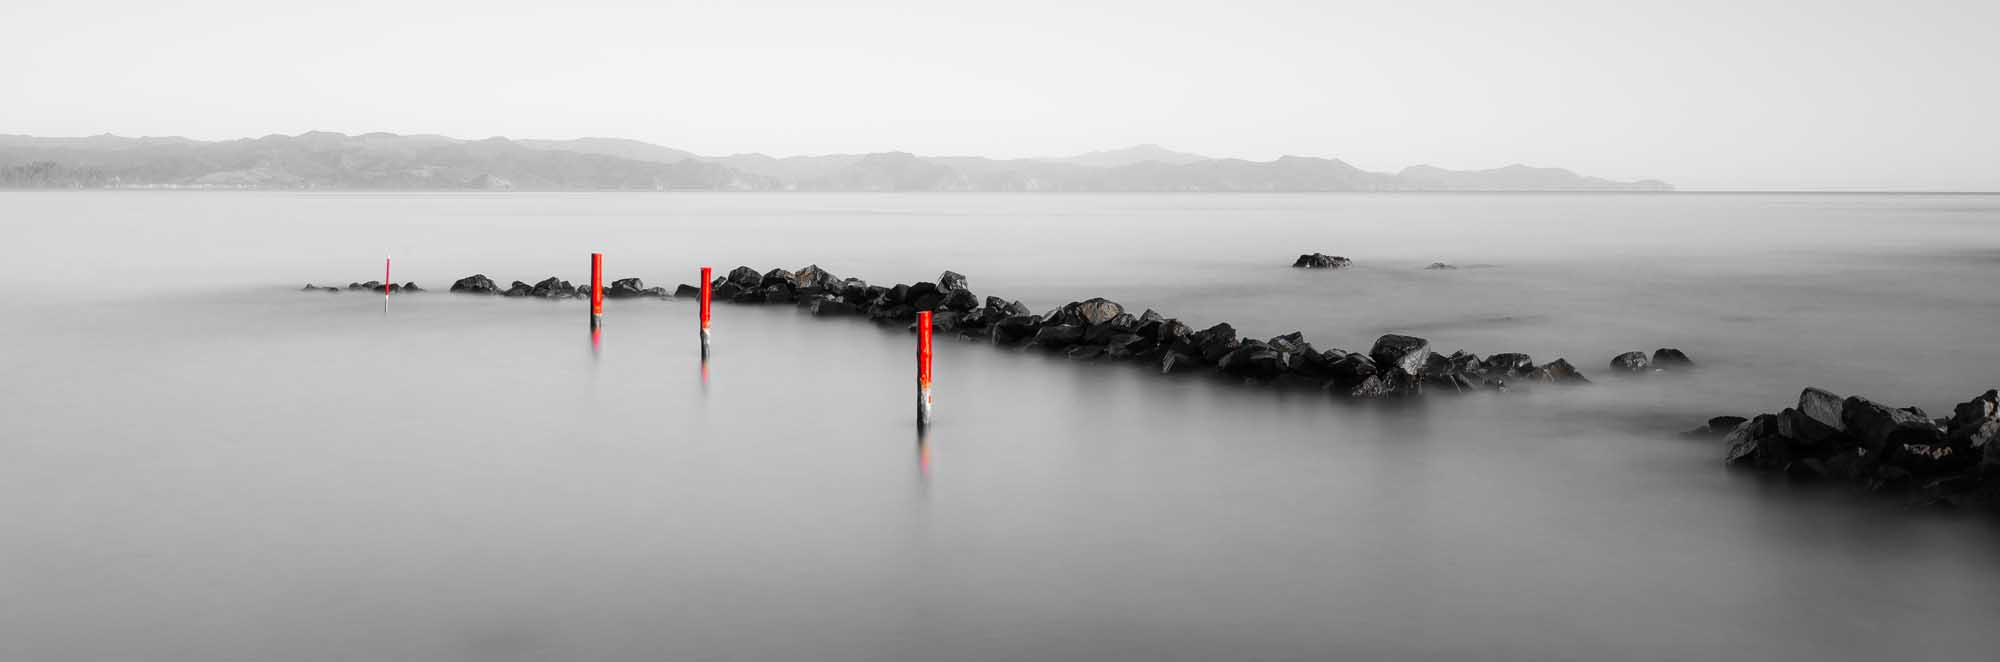 Boat Ramp2 (1).jpg